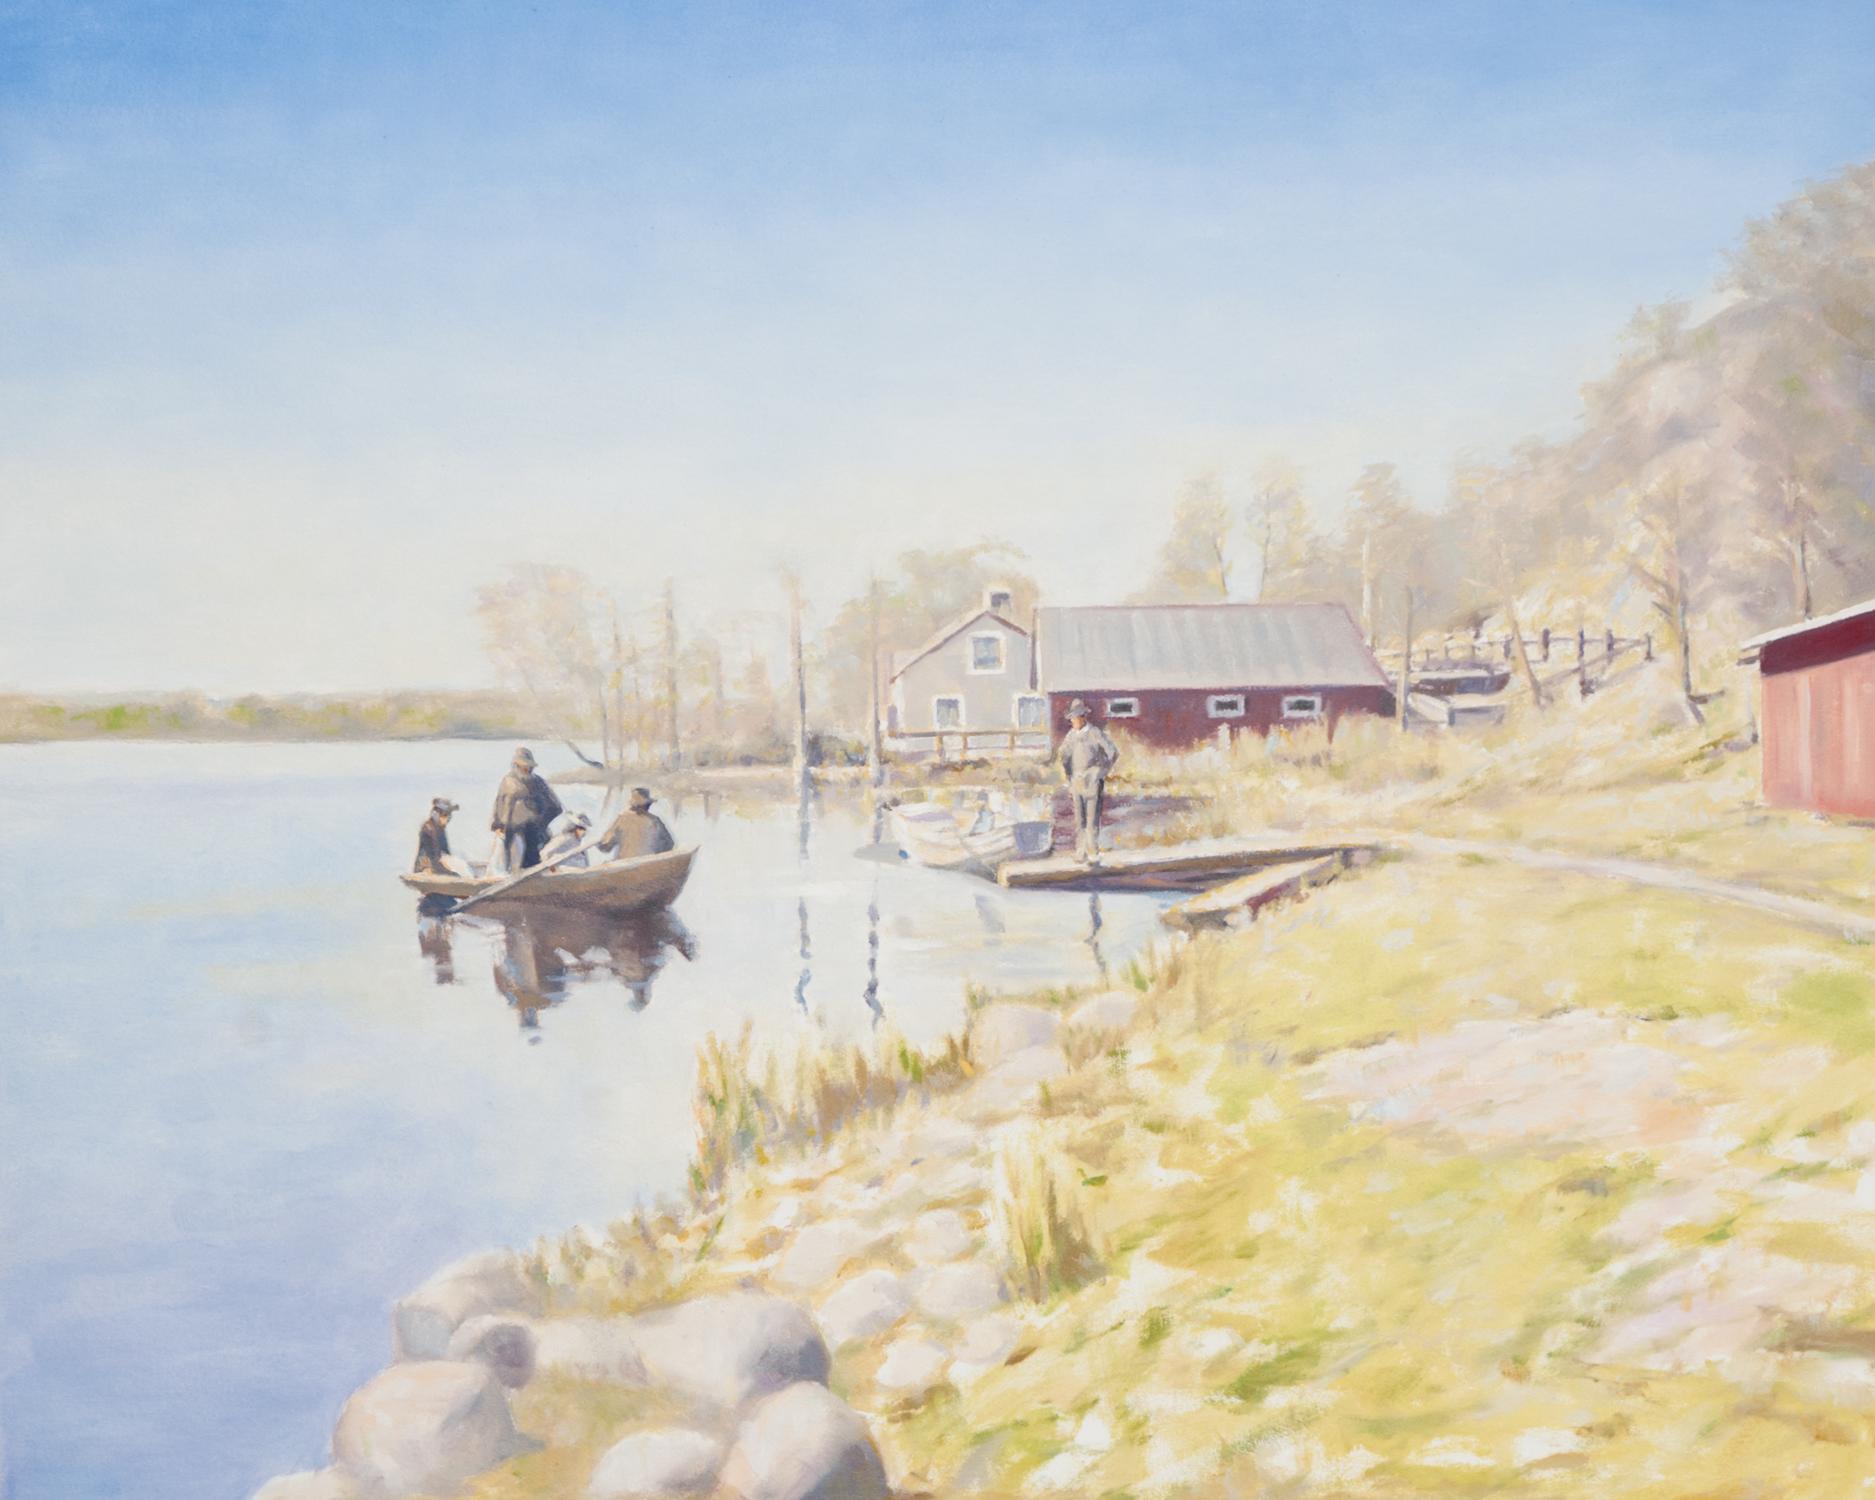 Claes-Åke Schlönzig - Strandmotiv från Hammarby sjö 1891 - Klicka för att byta till perspektivbild.